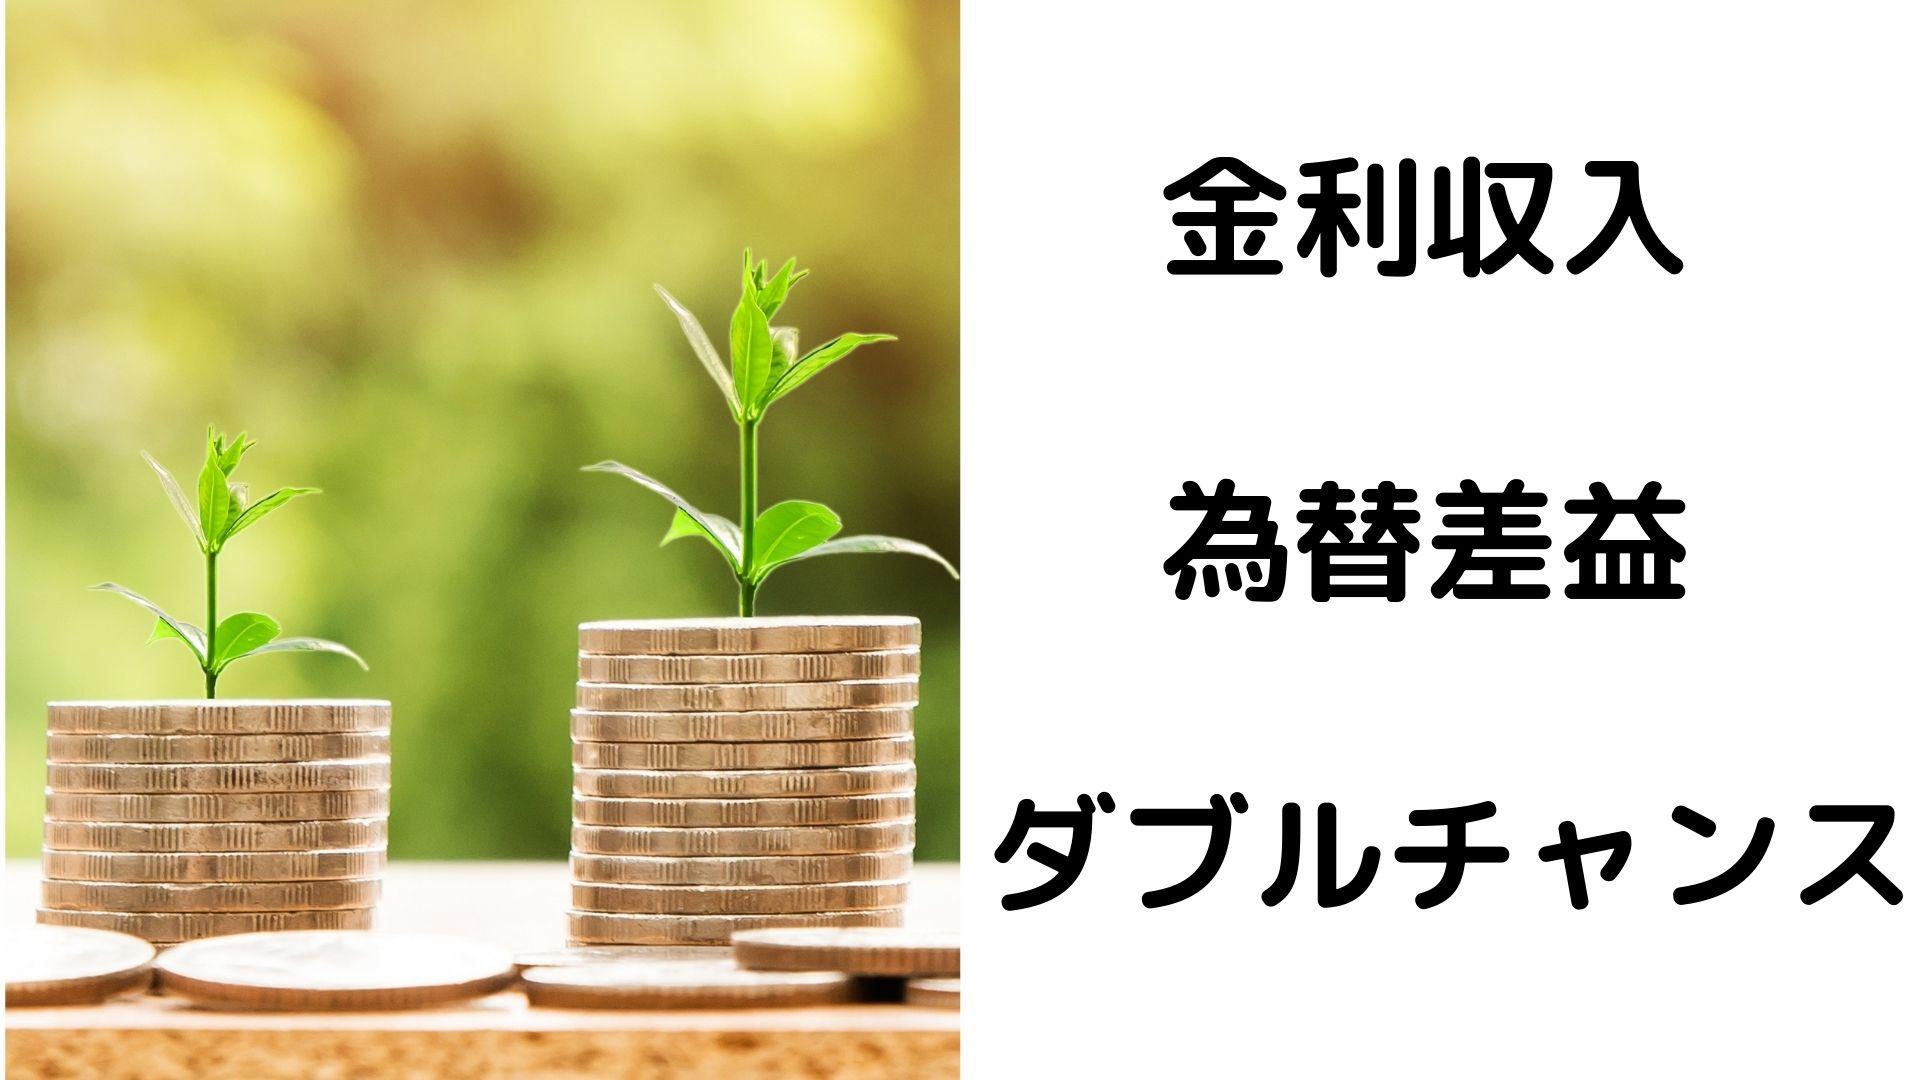 金利と為替変動のダブルチャンス